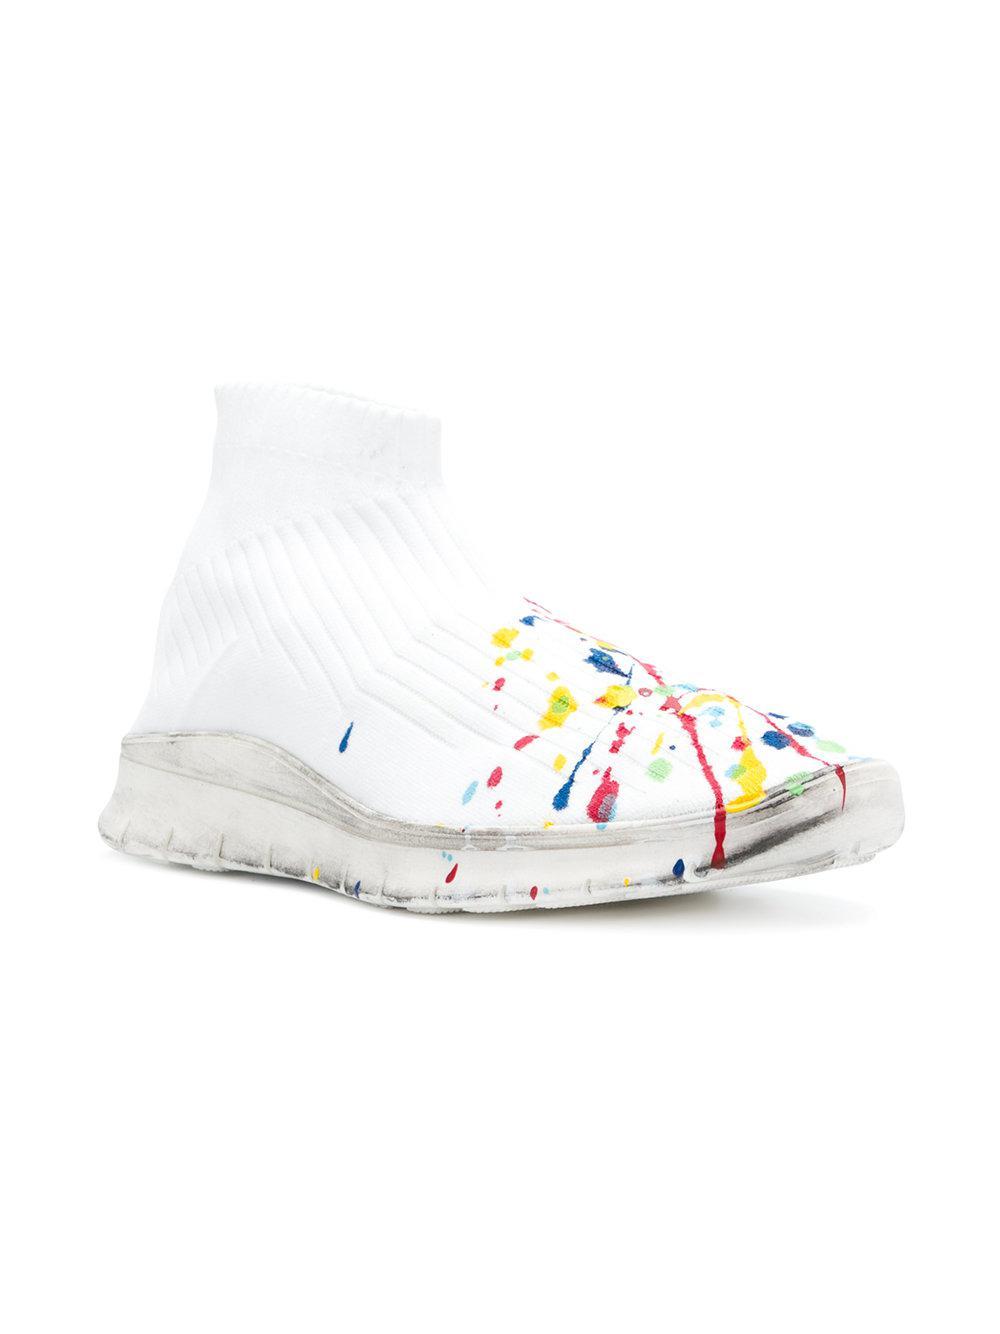 2d9ac3fef403d Lyst - Baskets à effet taches de peinture Maison Margiela pour homme en  coloris Blanc